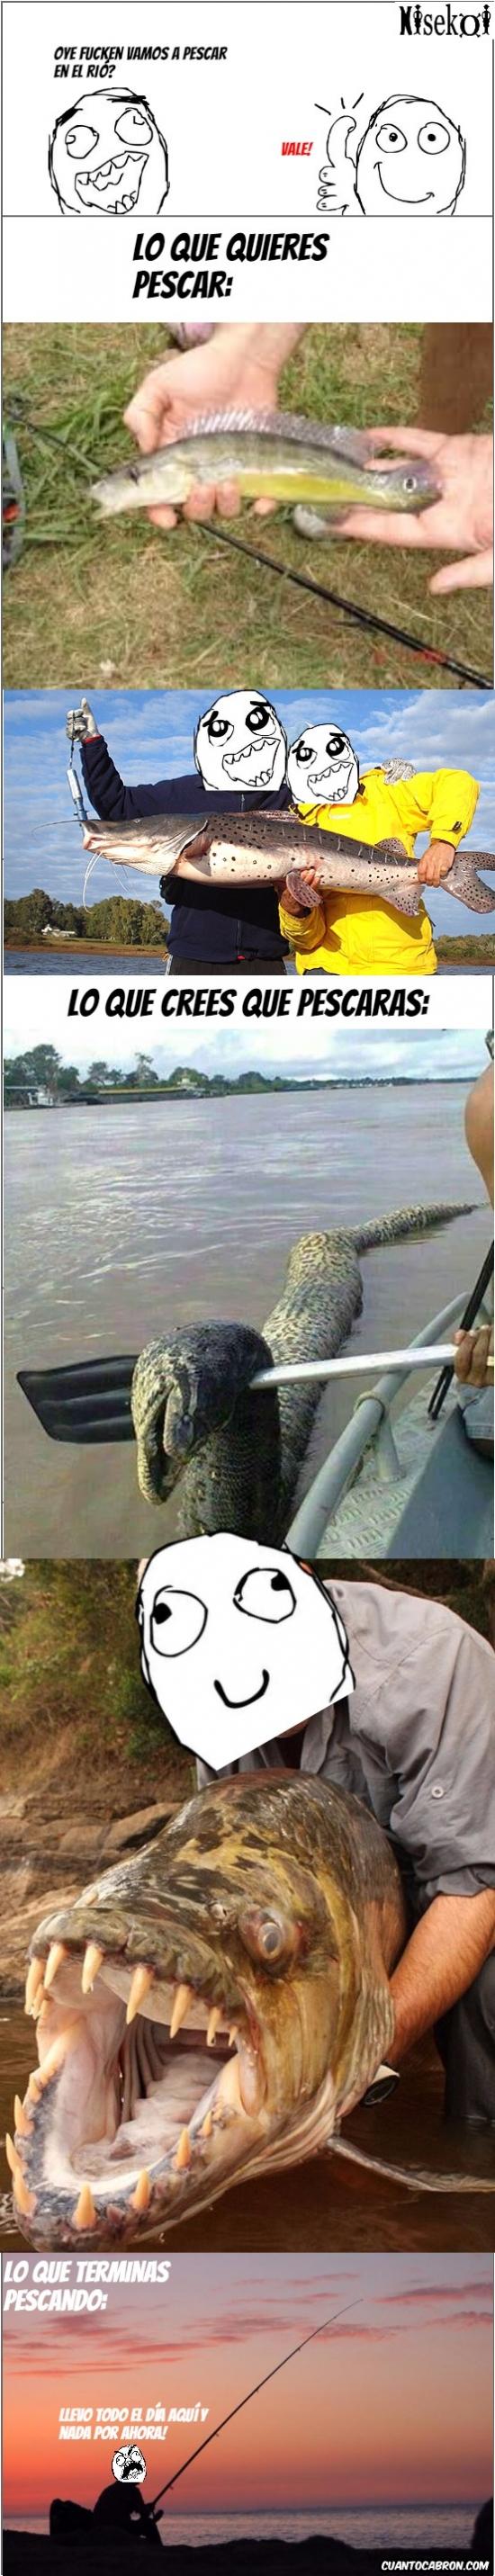 Ffffuuuuuuuuuu - Expectativas de pesca con amigos